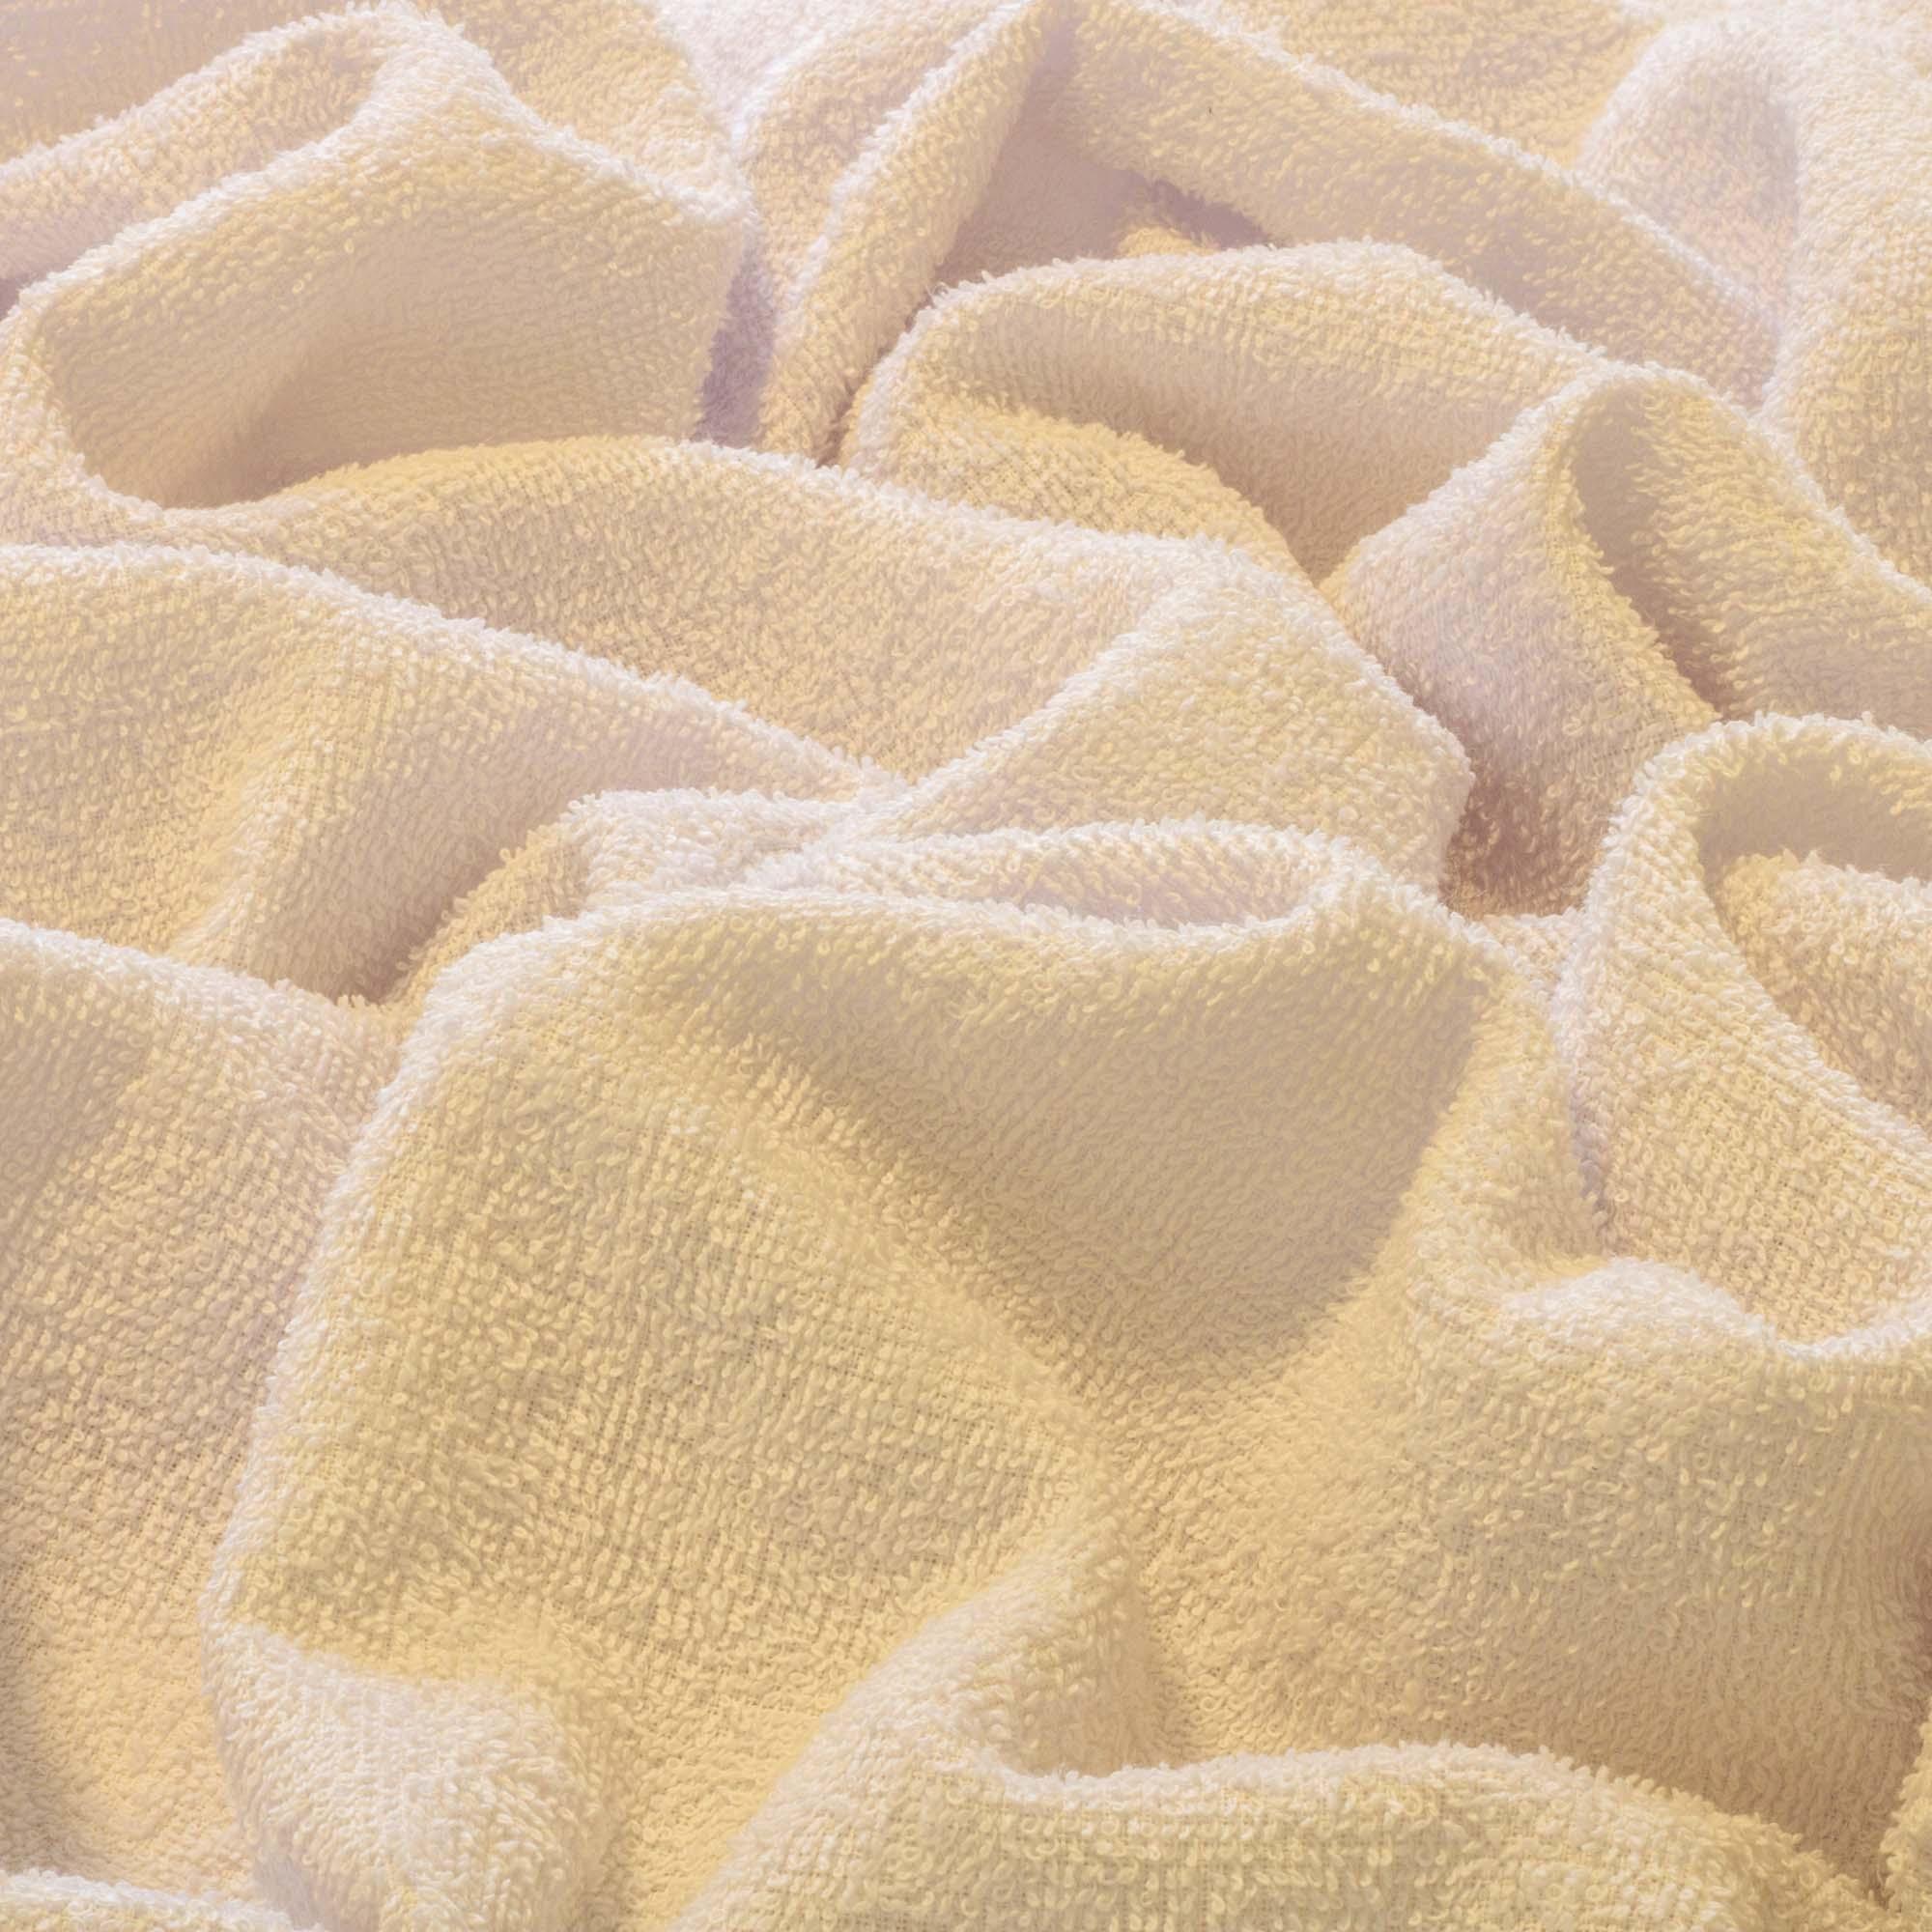 Tecido Felpudo Atoalhado Branco 100% Algodão 1,40 Mt Largura